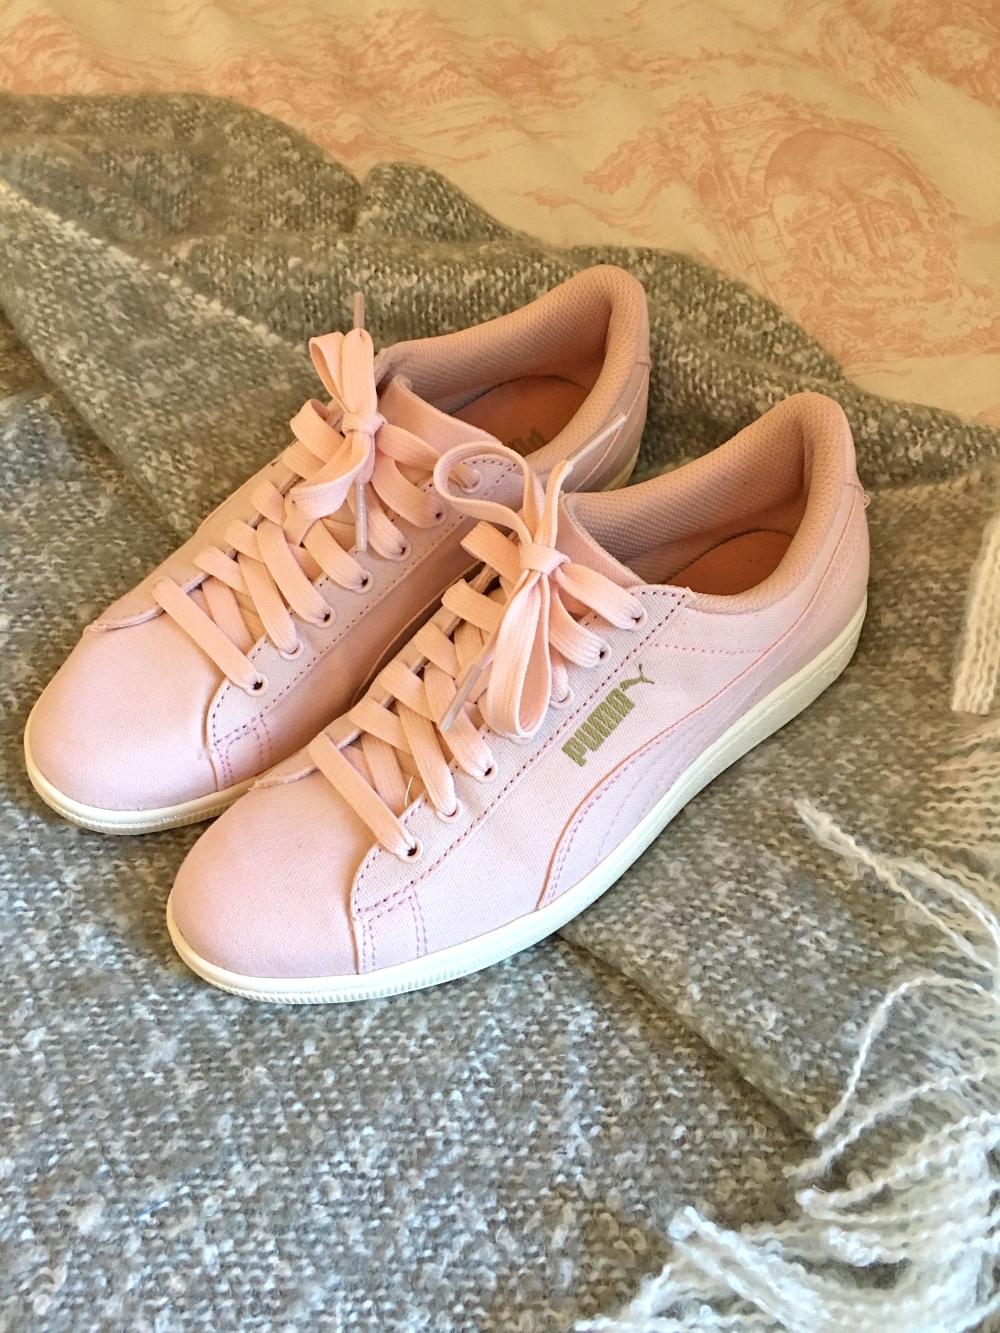 pinktrainers4.jpg